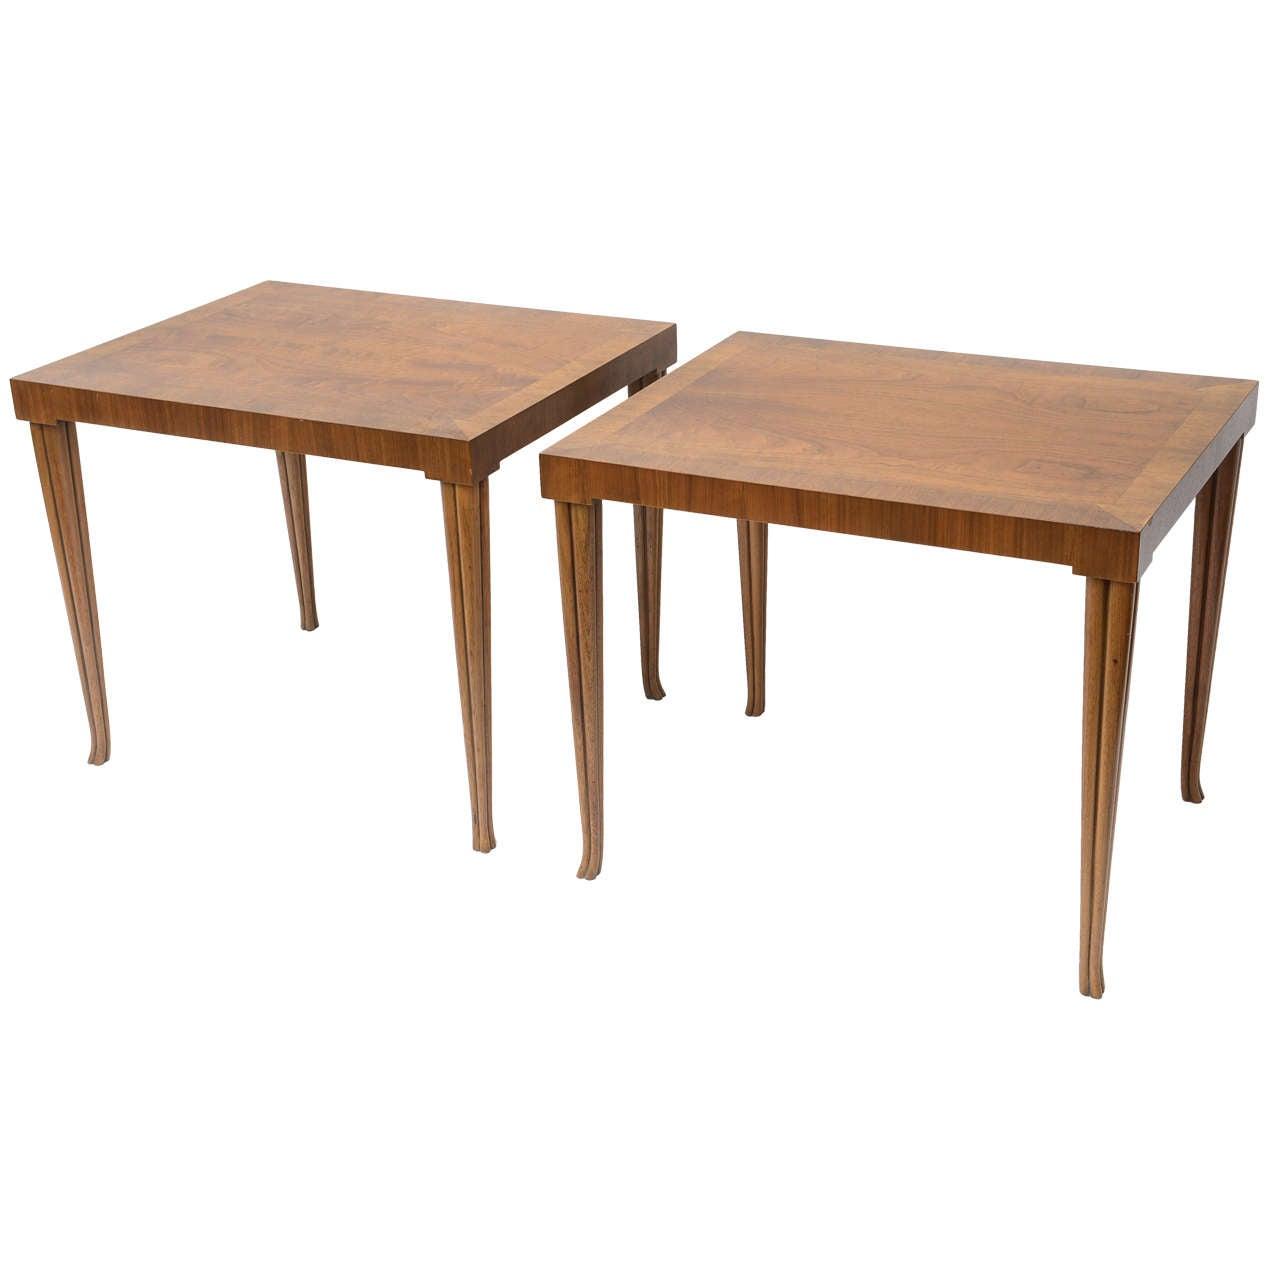 T. H. Robsjohn-Gibbings End Tables